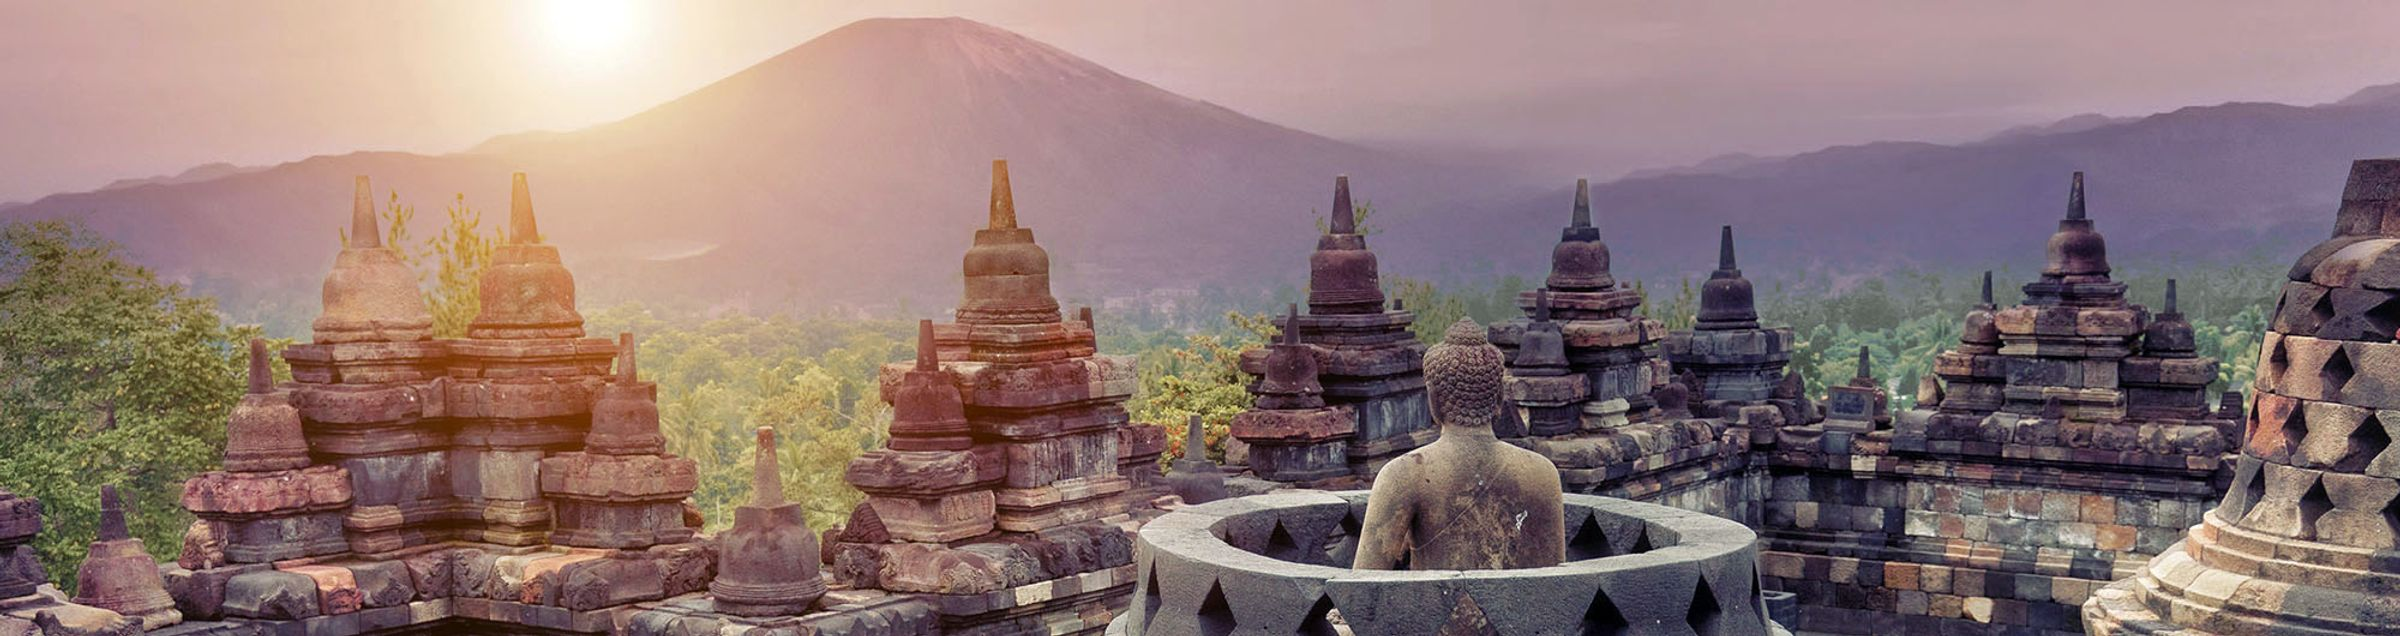 Kota Yogyakarta